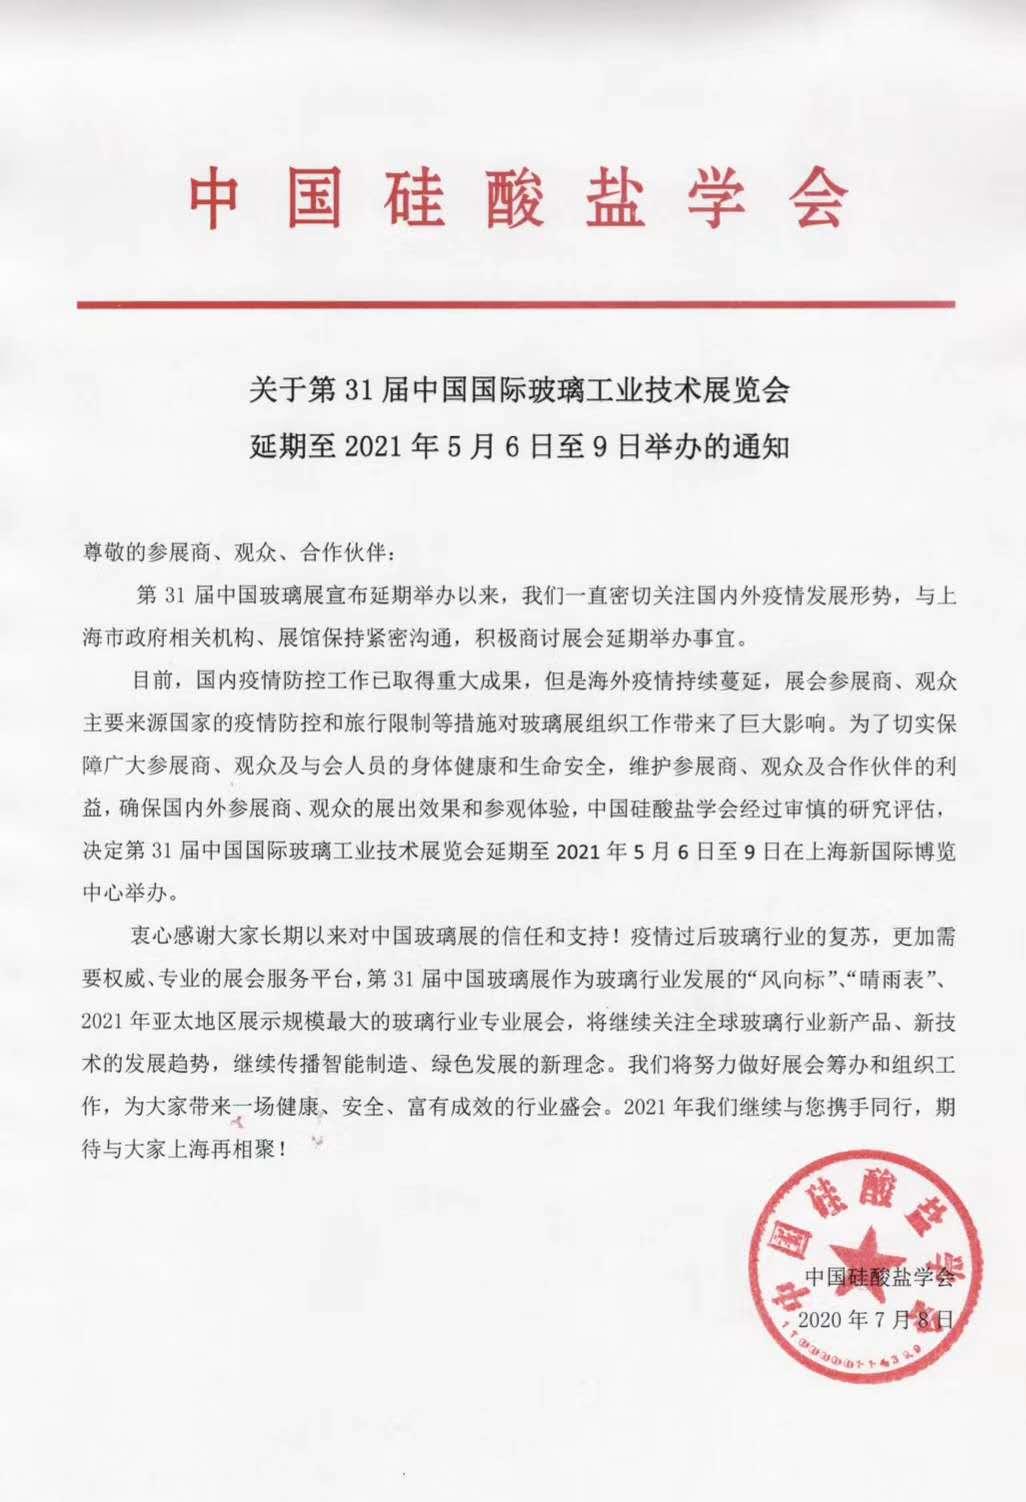 第31界中国国际玻璃工业技术展延期举办通知